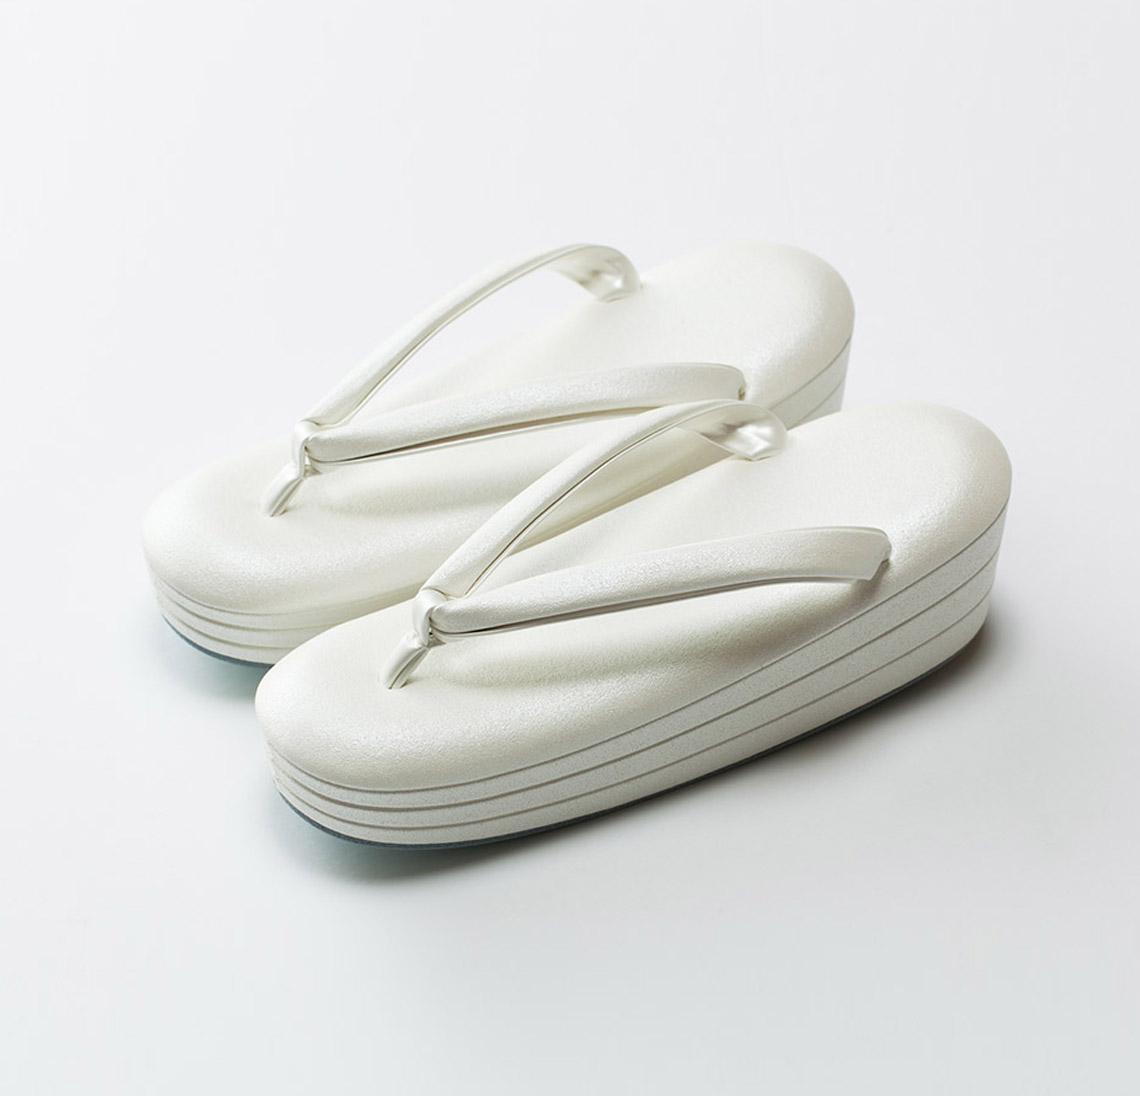 バルーン草履